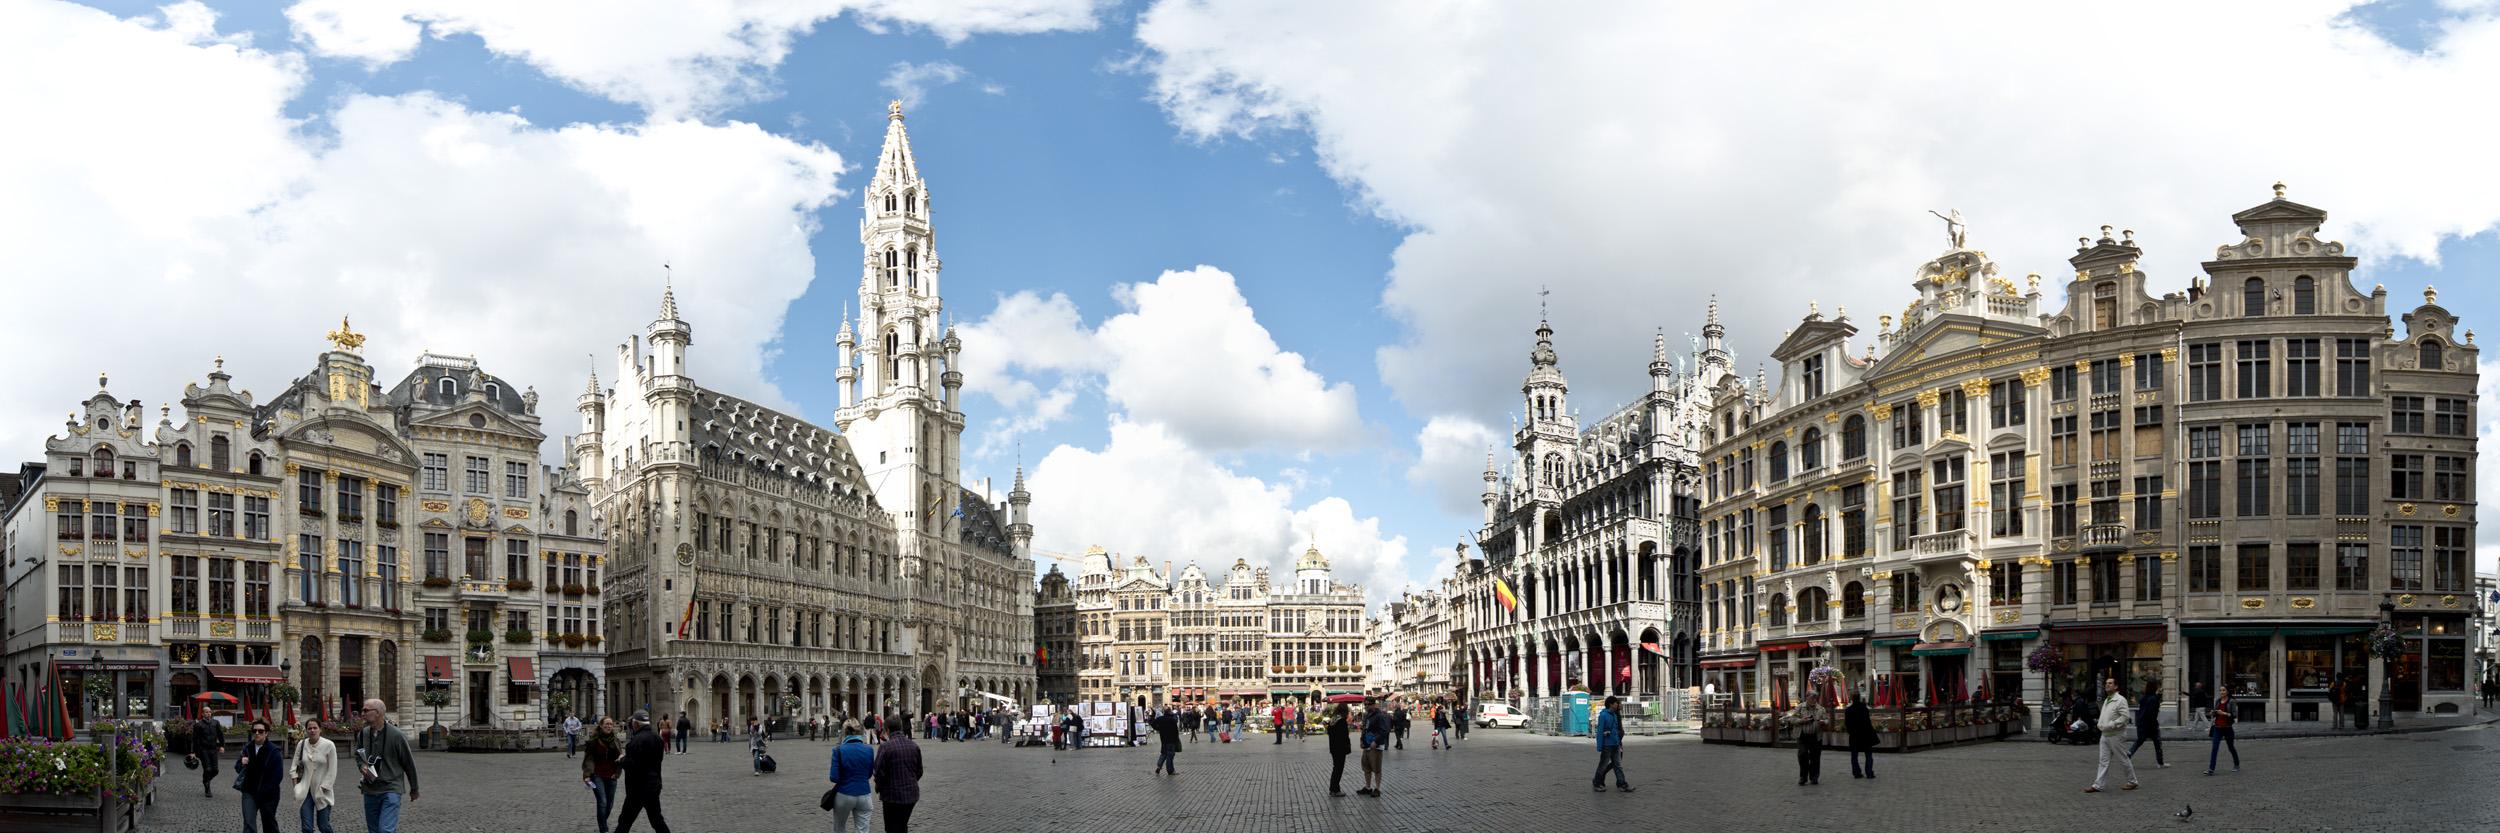 تور چک هلند بلژیک نیکا گشت